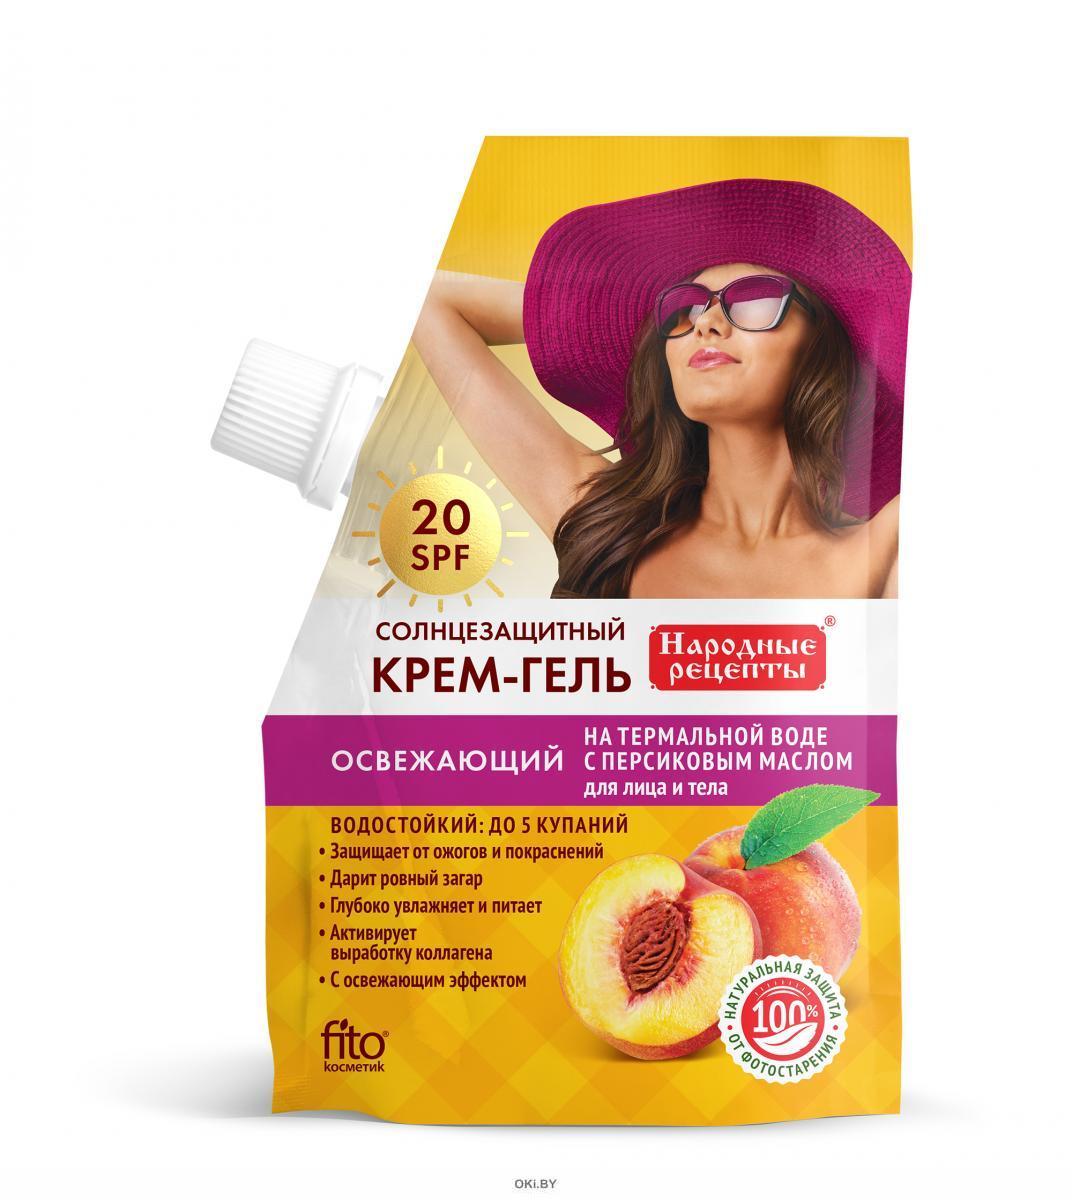 Солнцезащитный крем-гель  для лица и тела «Освежающий». Фитокосметик, 50 мл (серия «Народные рецепты»)